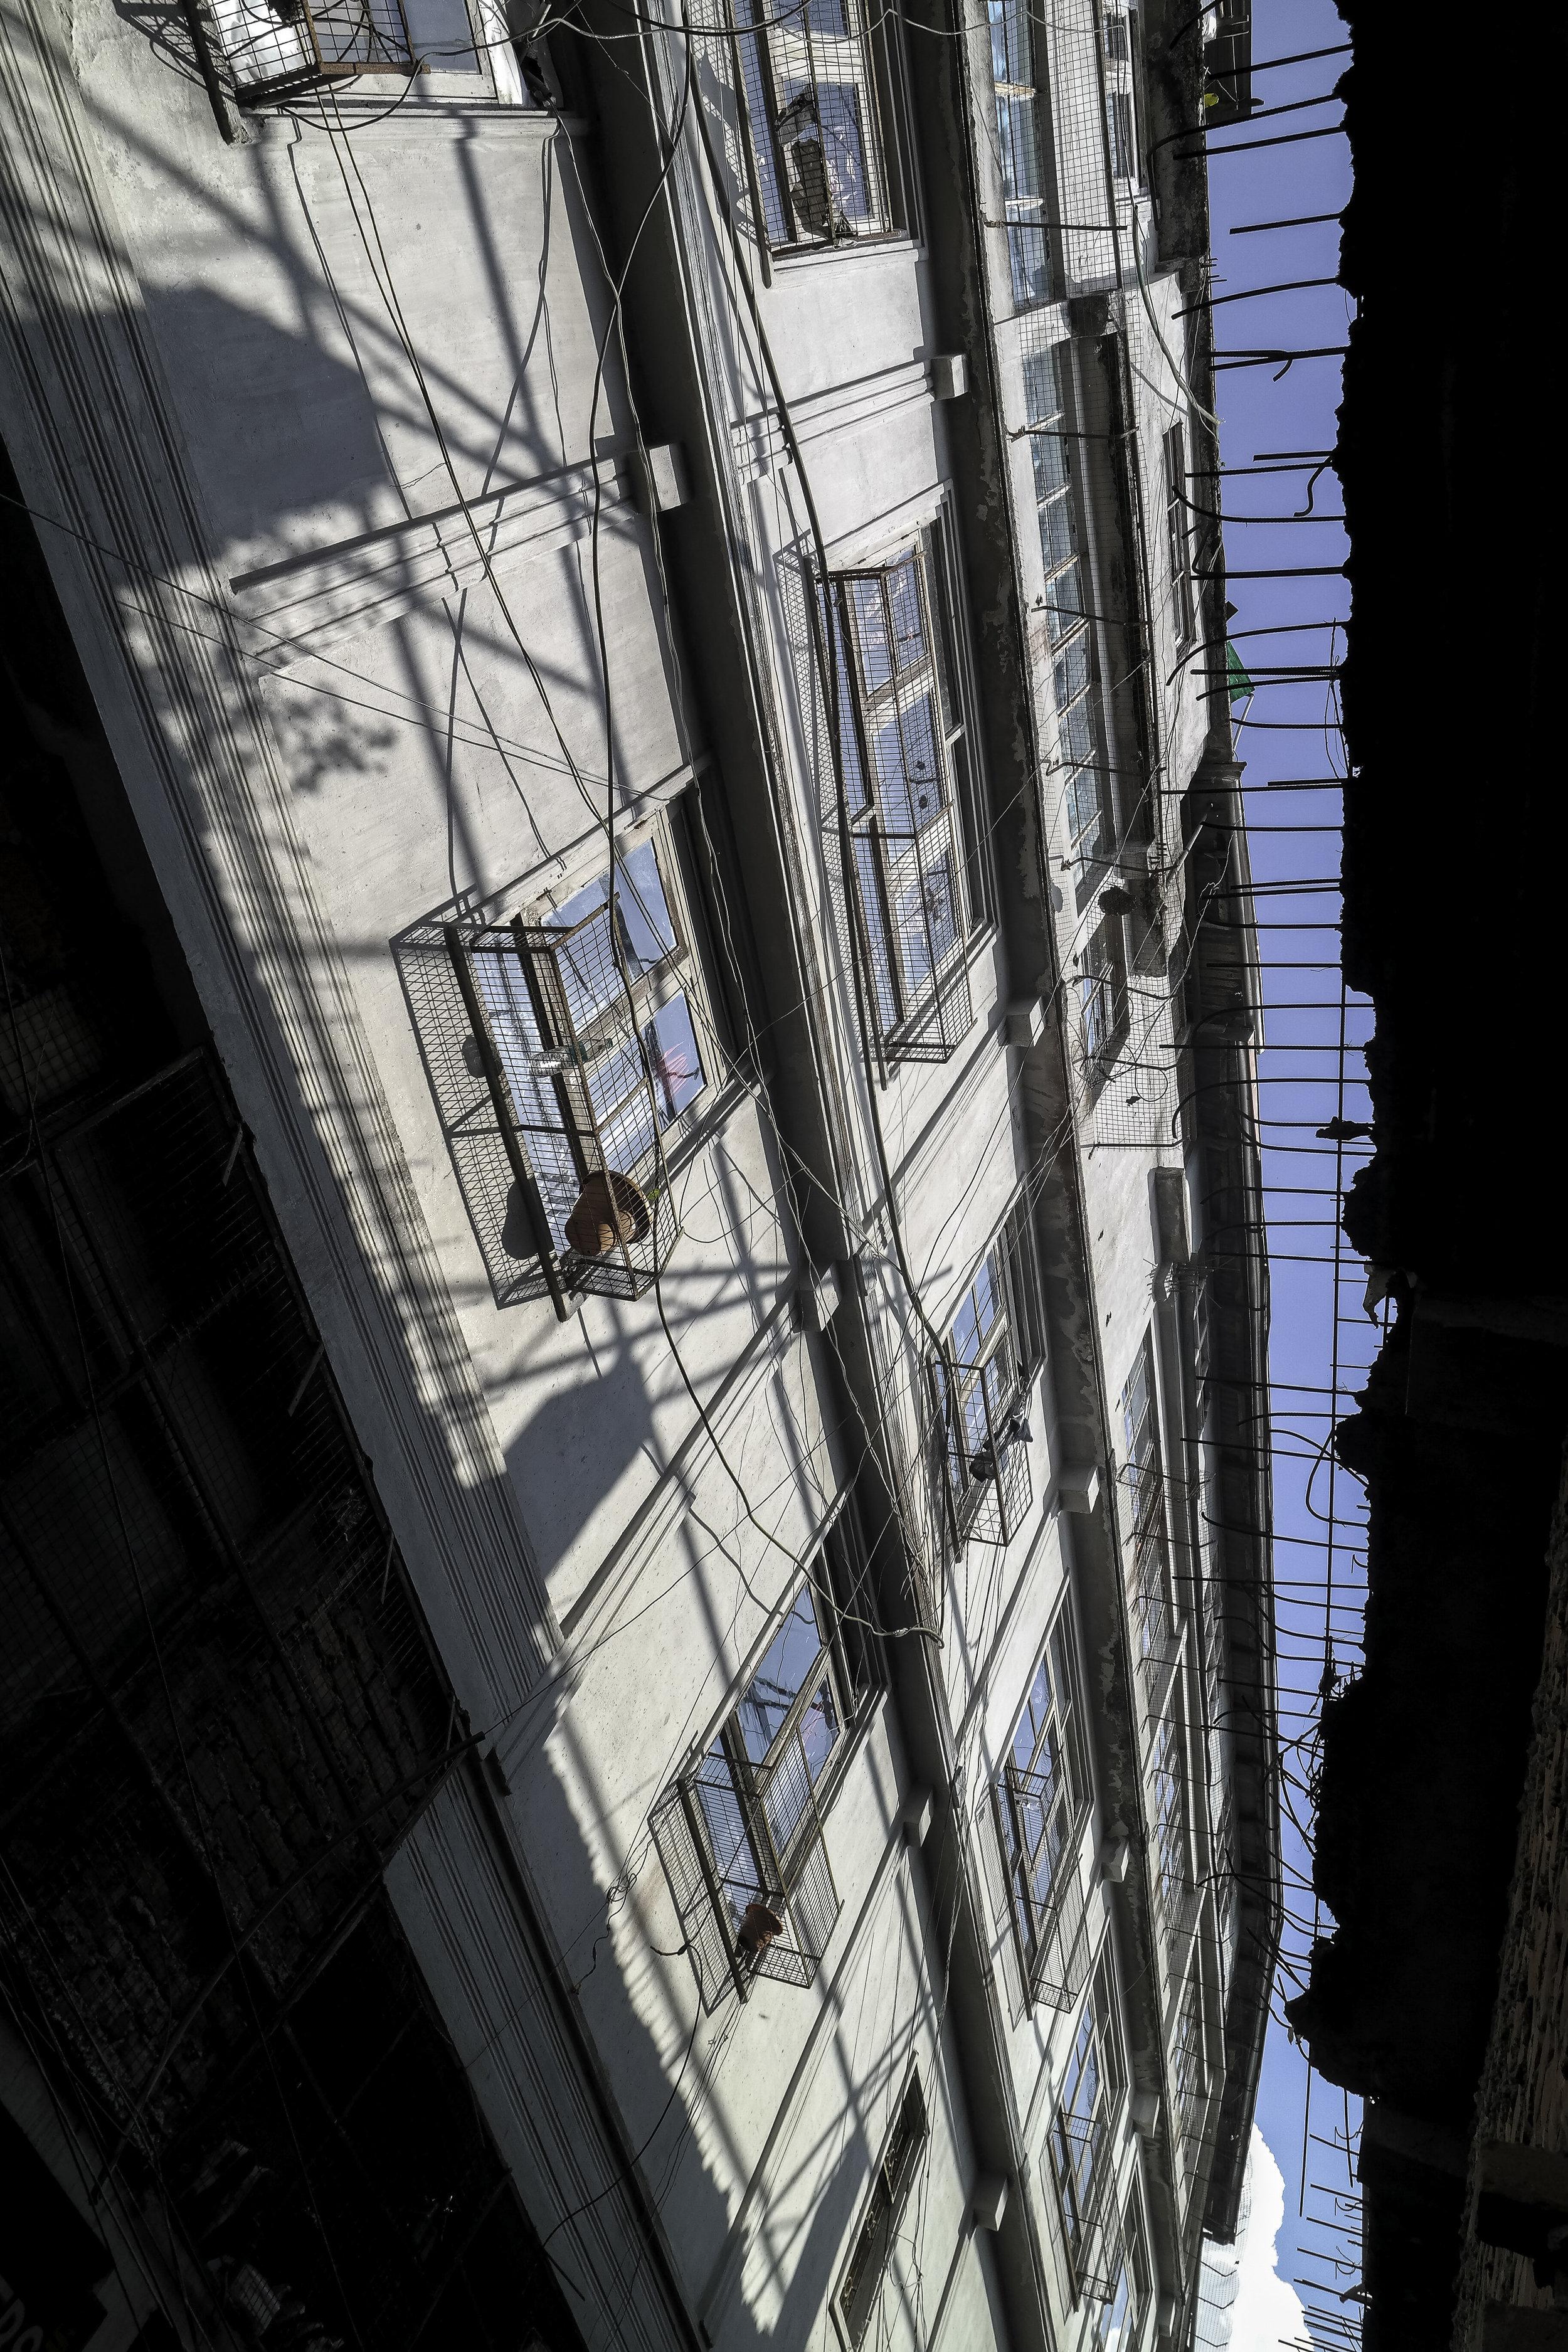 Blue-sky-white-building-Darjeelin-India.jpg